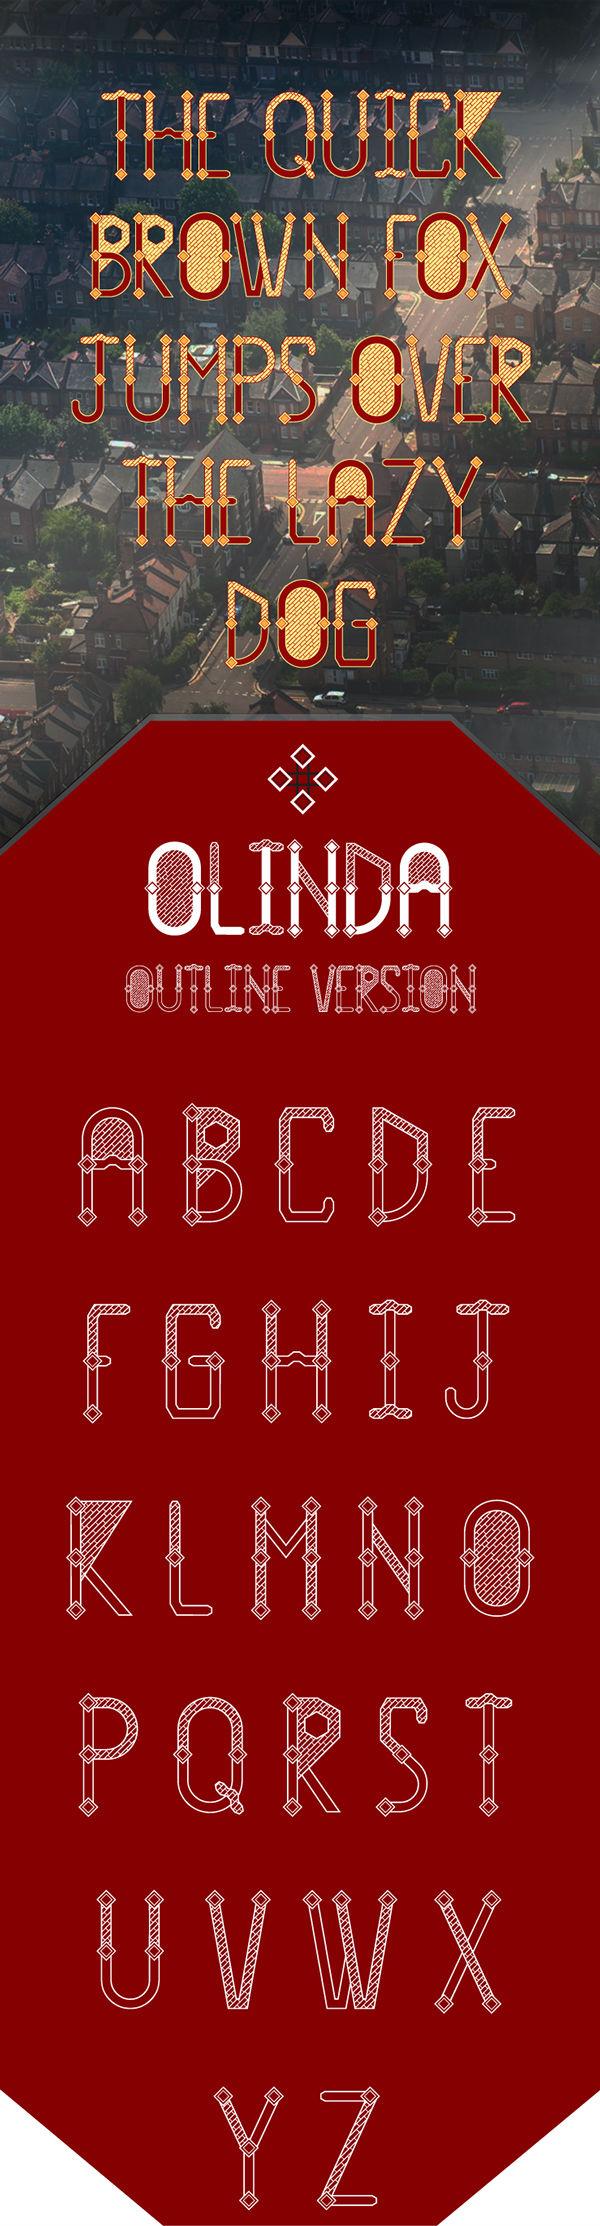 Olinda-free-font01